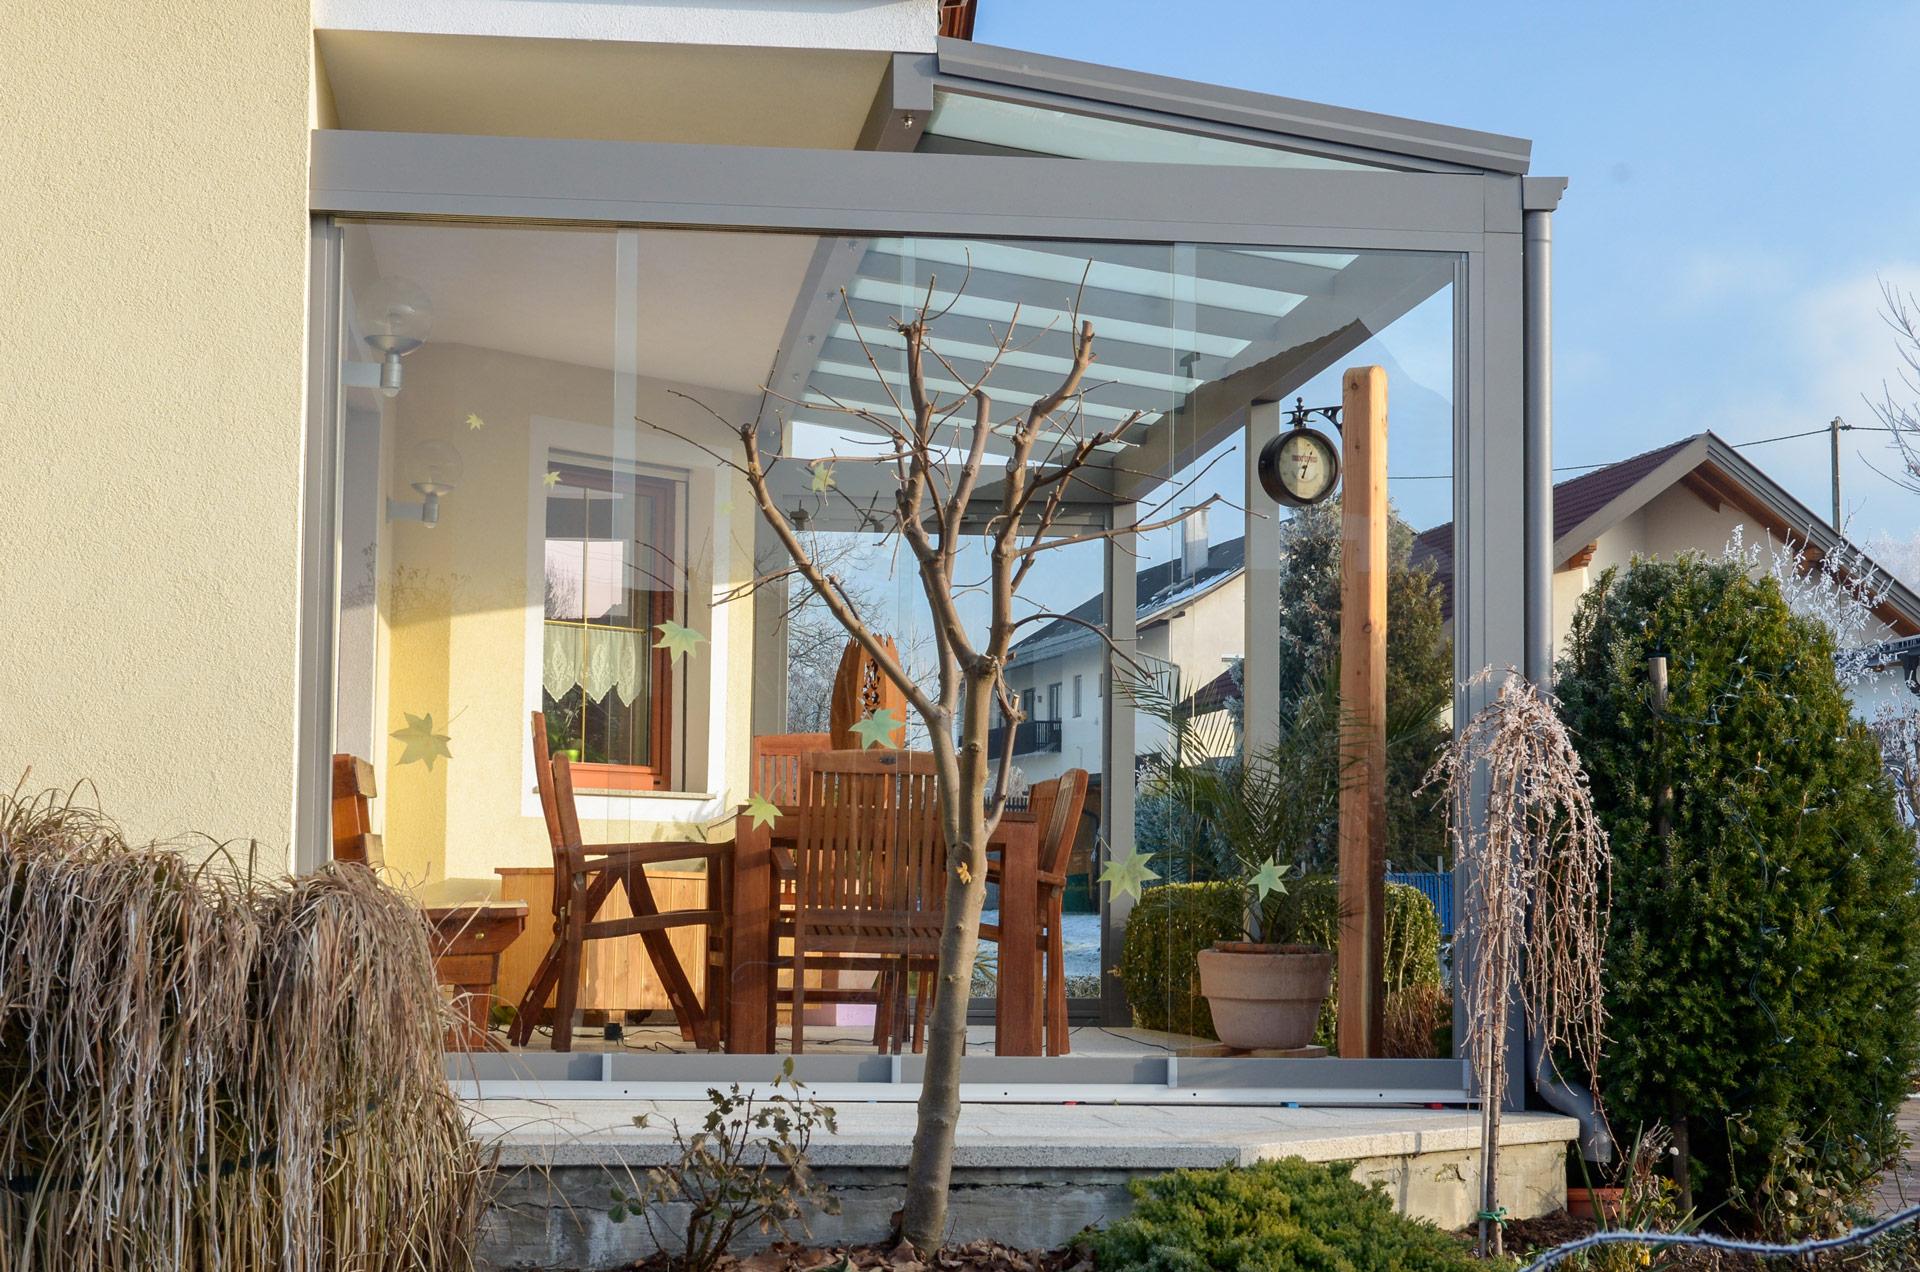 Terrassendach Alu 59 c | Winschutz Schiebe-Seitenverglasung, an Balkonbodenplatte montiert | Svoboda